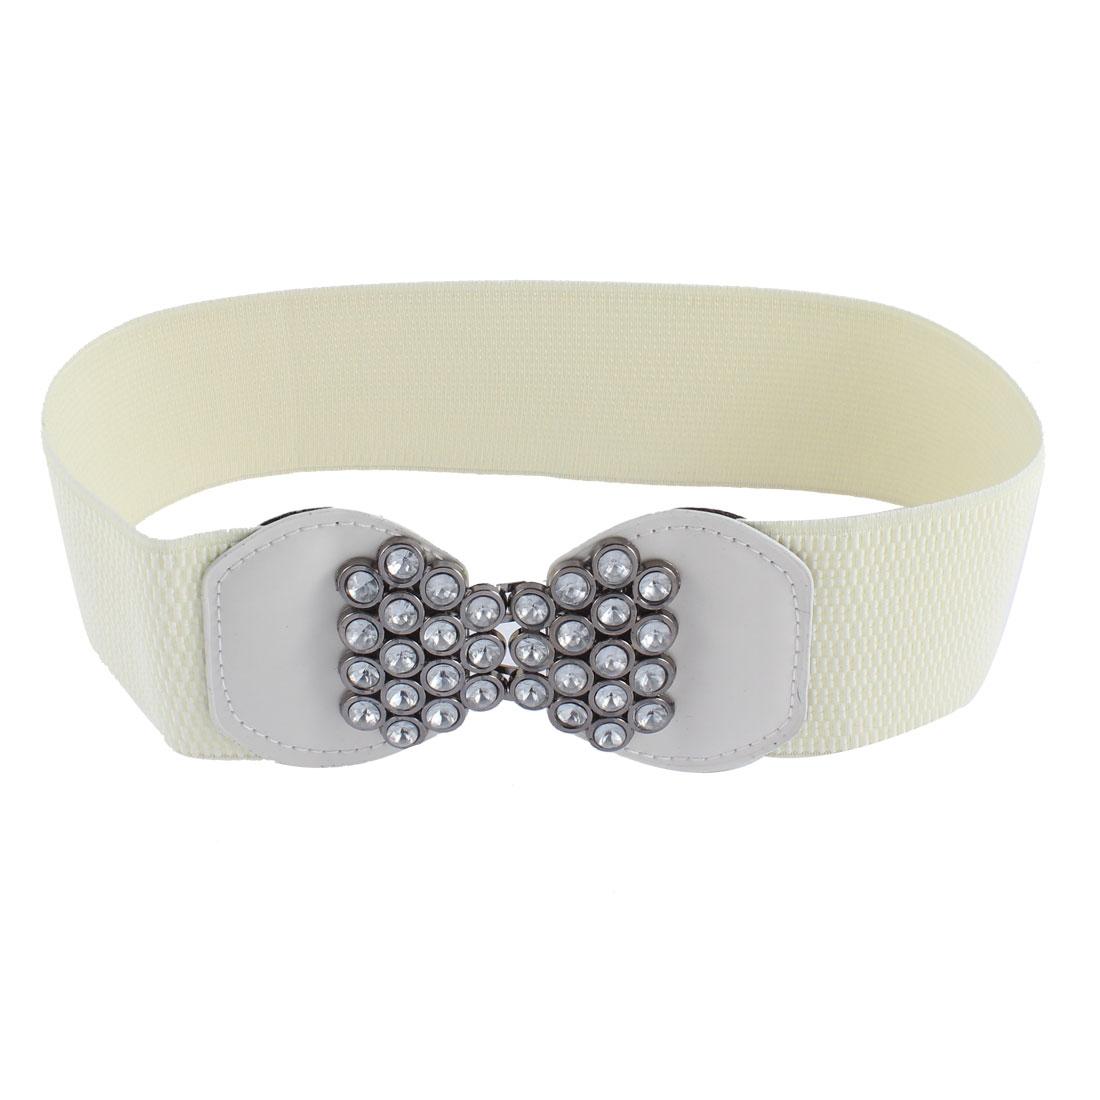 6cm Interlocking Buckle Rhinestone Accent Stretchy Waist Belt White